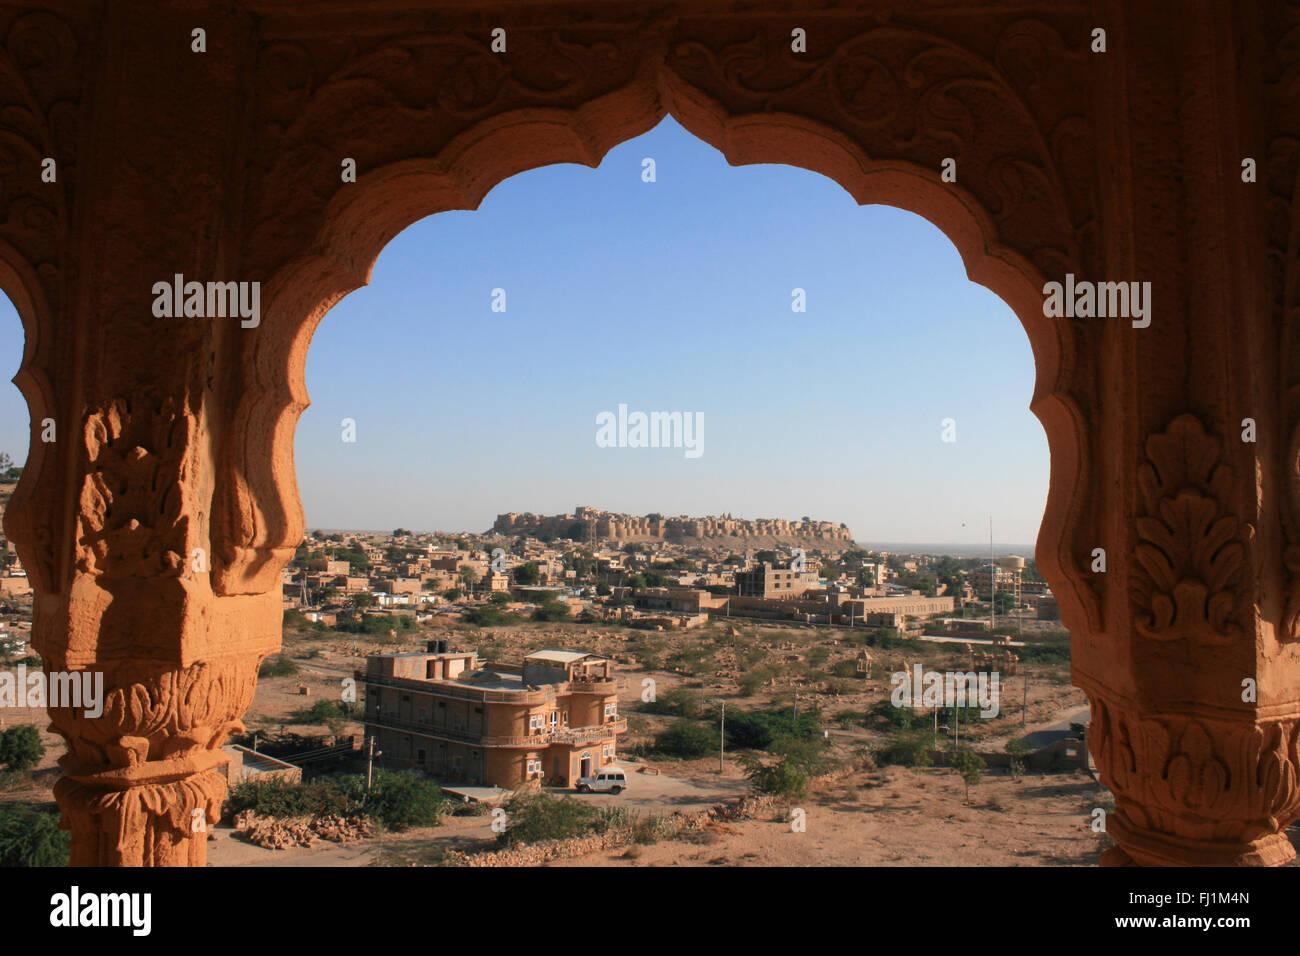 Herrlicher Panoramablick auf die Stadt, mit Jaisalmer Fort Festung in der Mitte, Rajasthan, Indien Stockbild